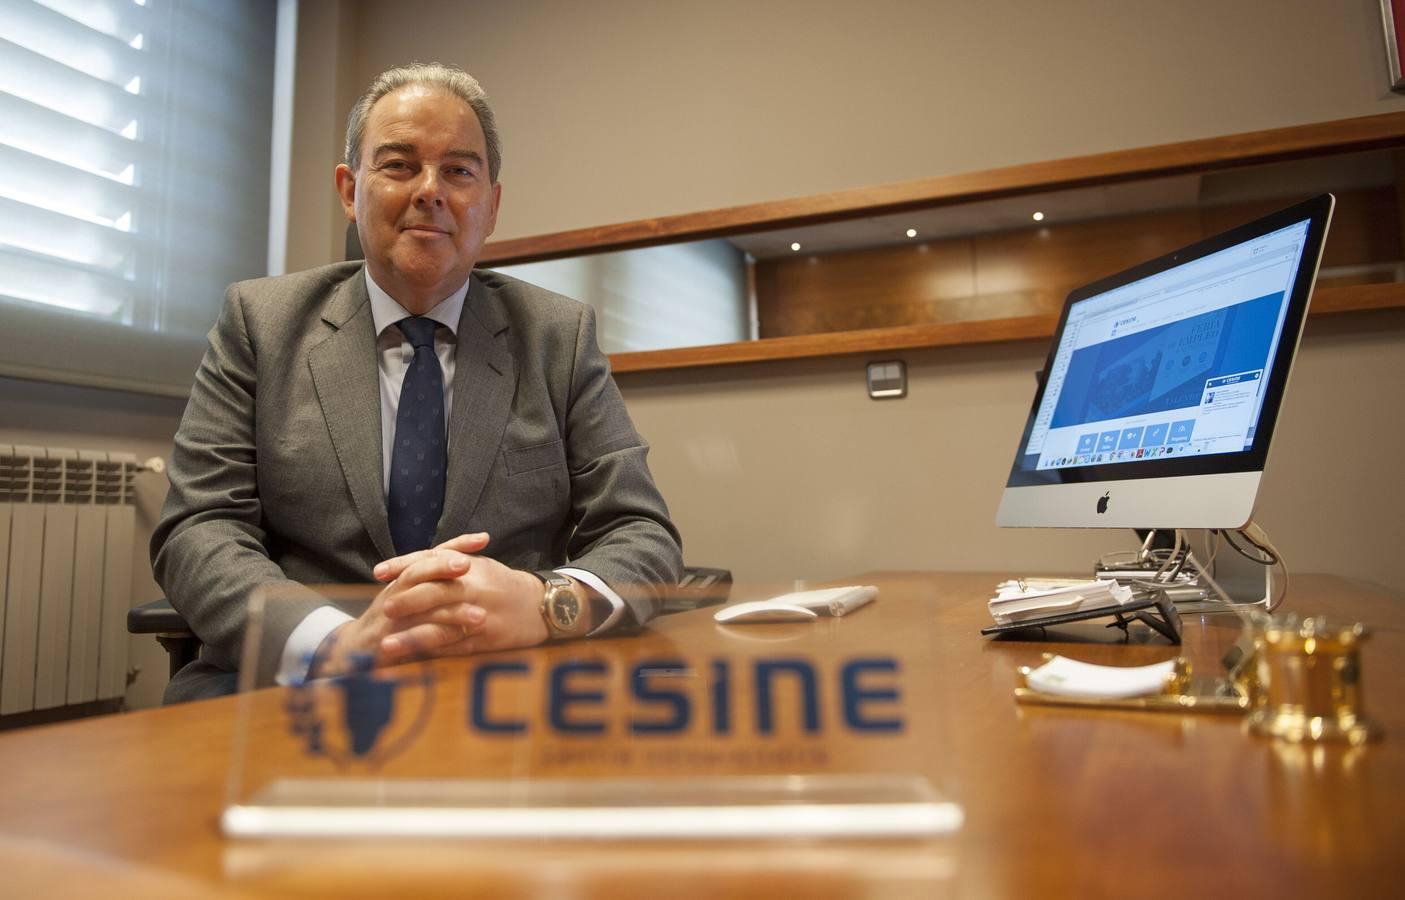 «La universidad española tiene que mejorar mucho la internacionalización y la empleabilidad de sus alumnos»